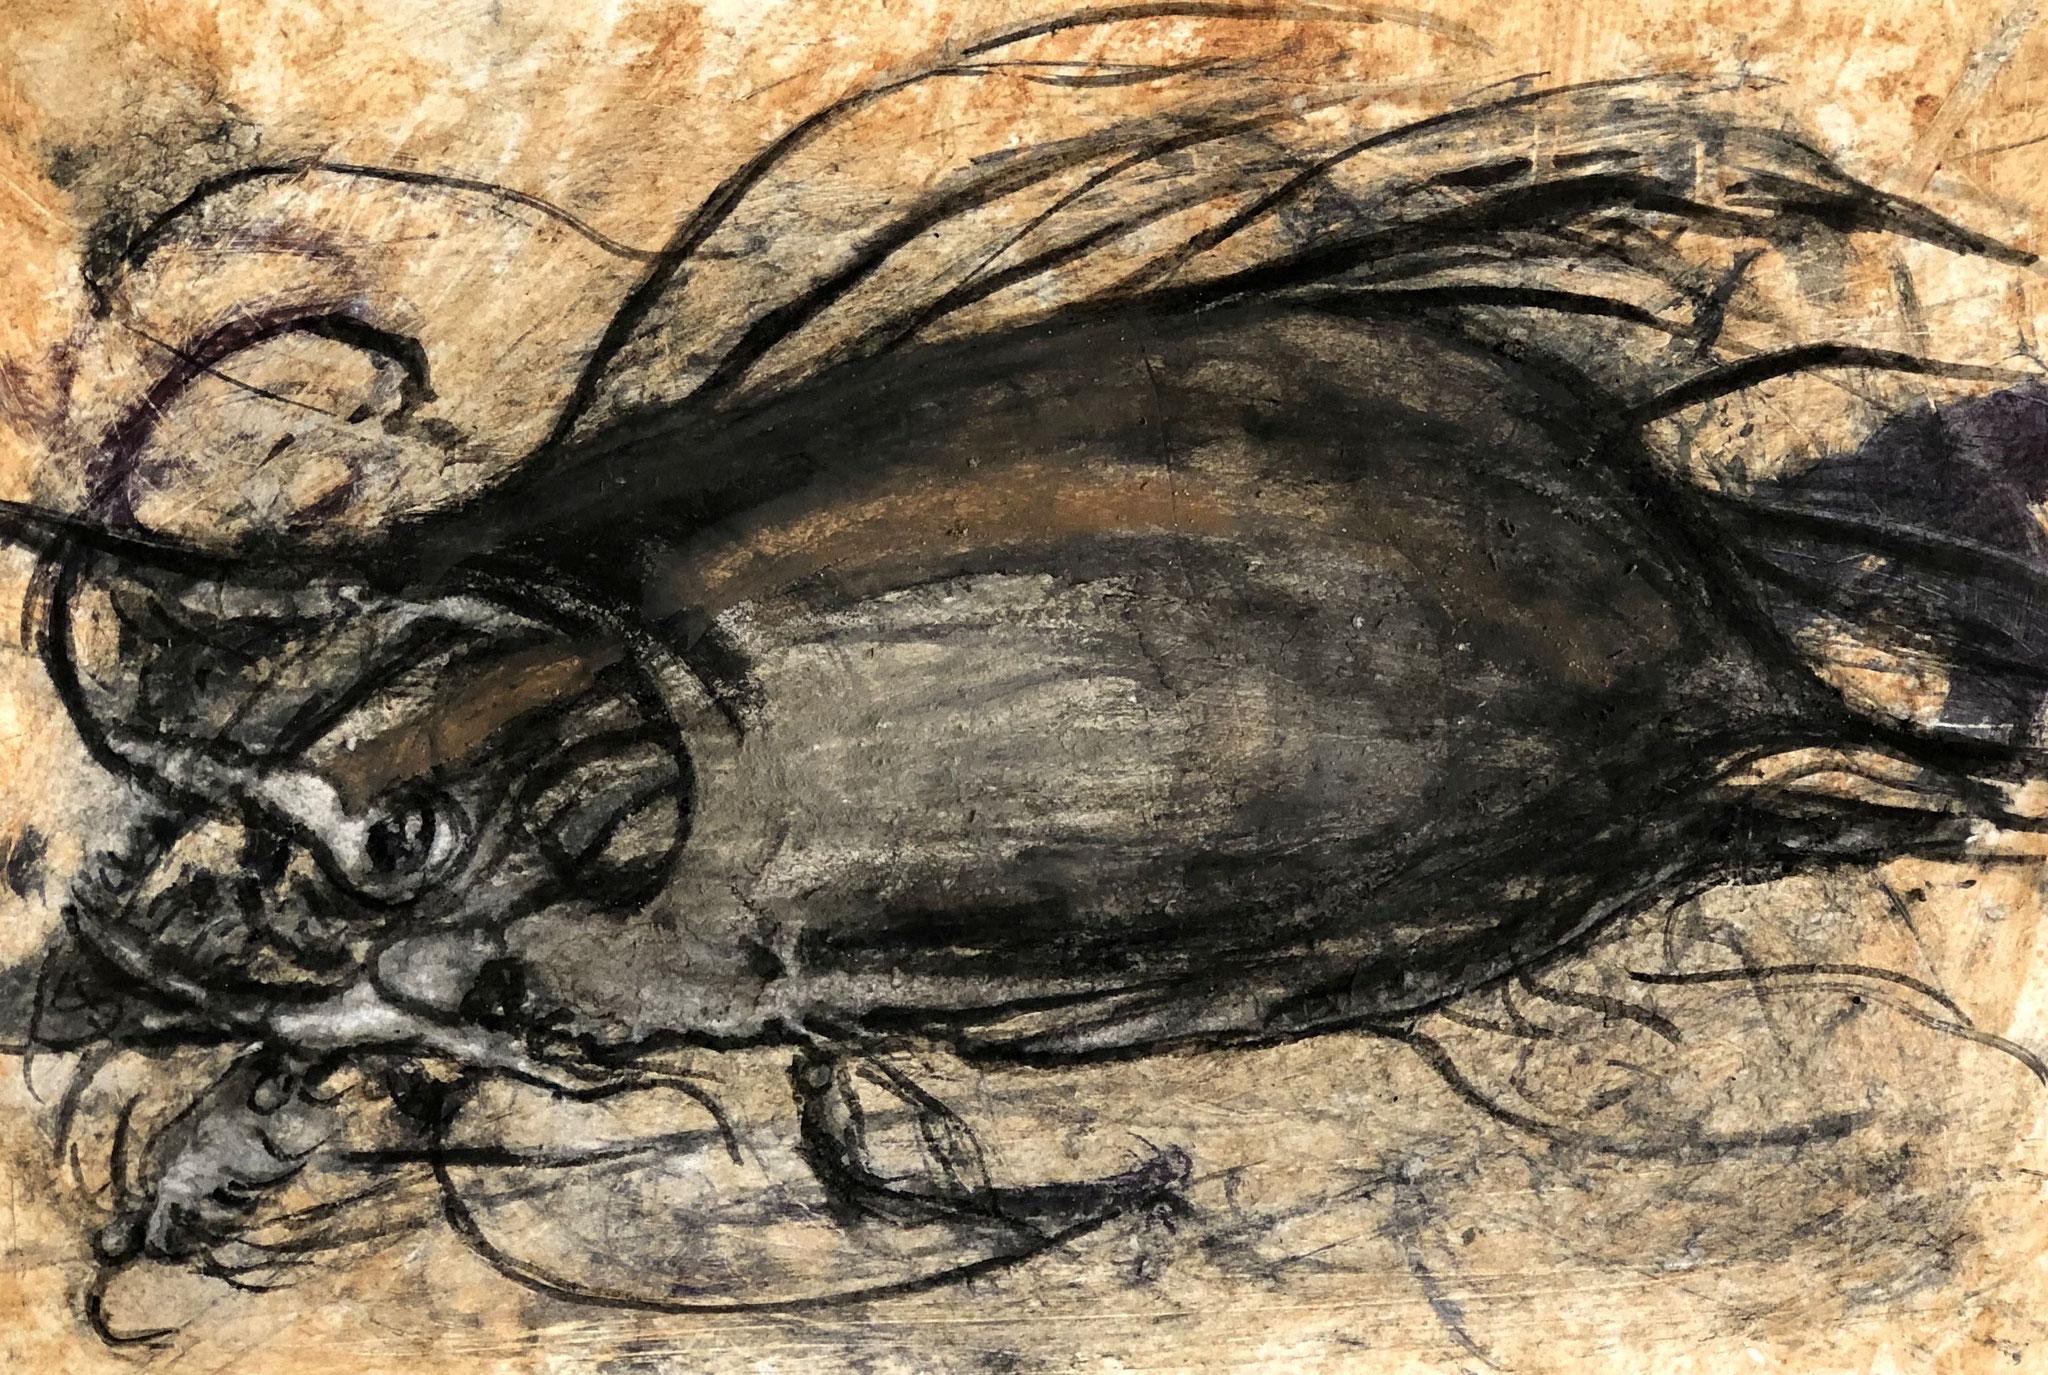 RETINTO VIII    Erden, Tintensekret vom Kalmar und Olivensaft auf Papier - 21 x 29 cm